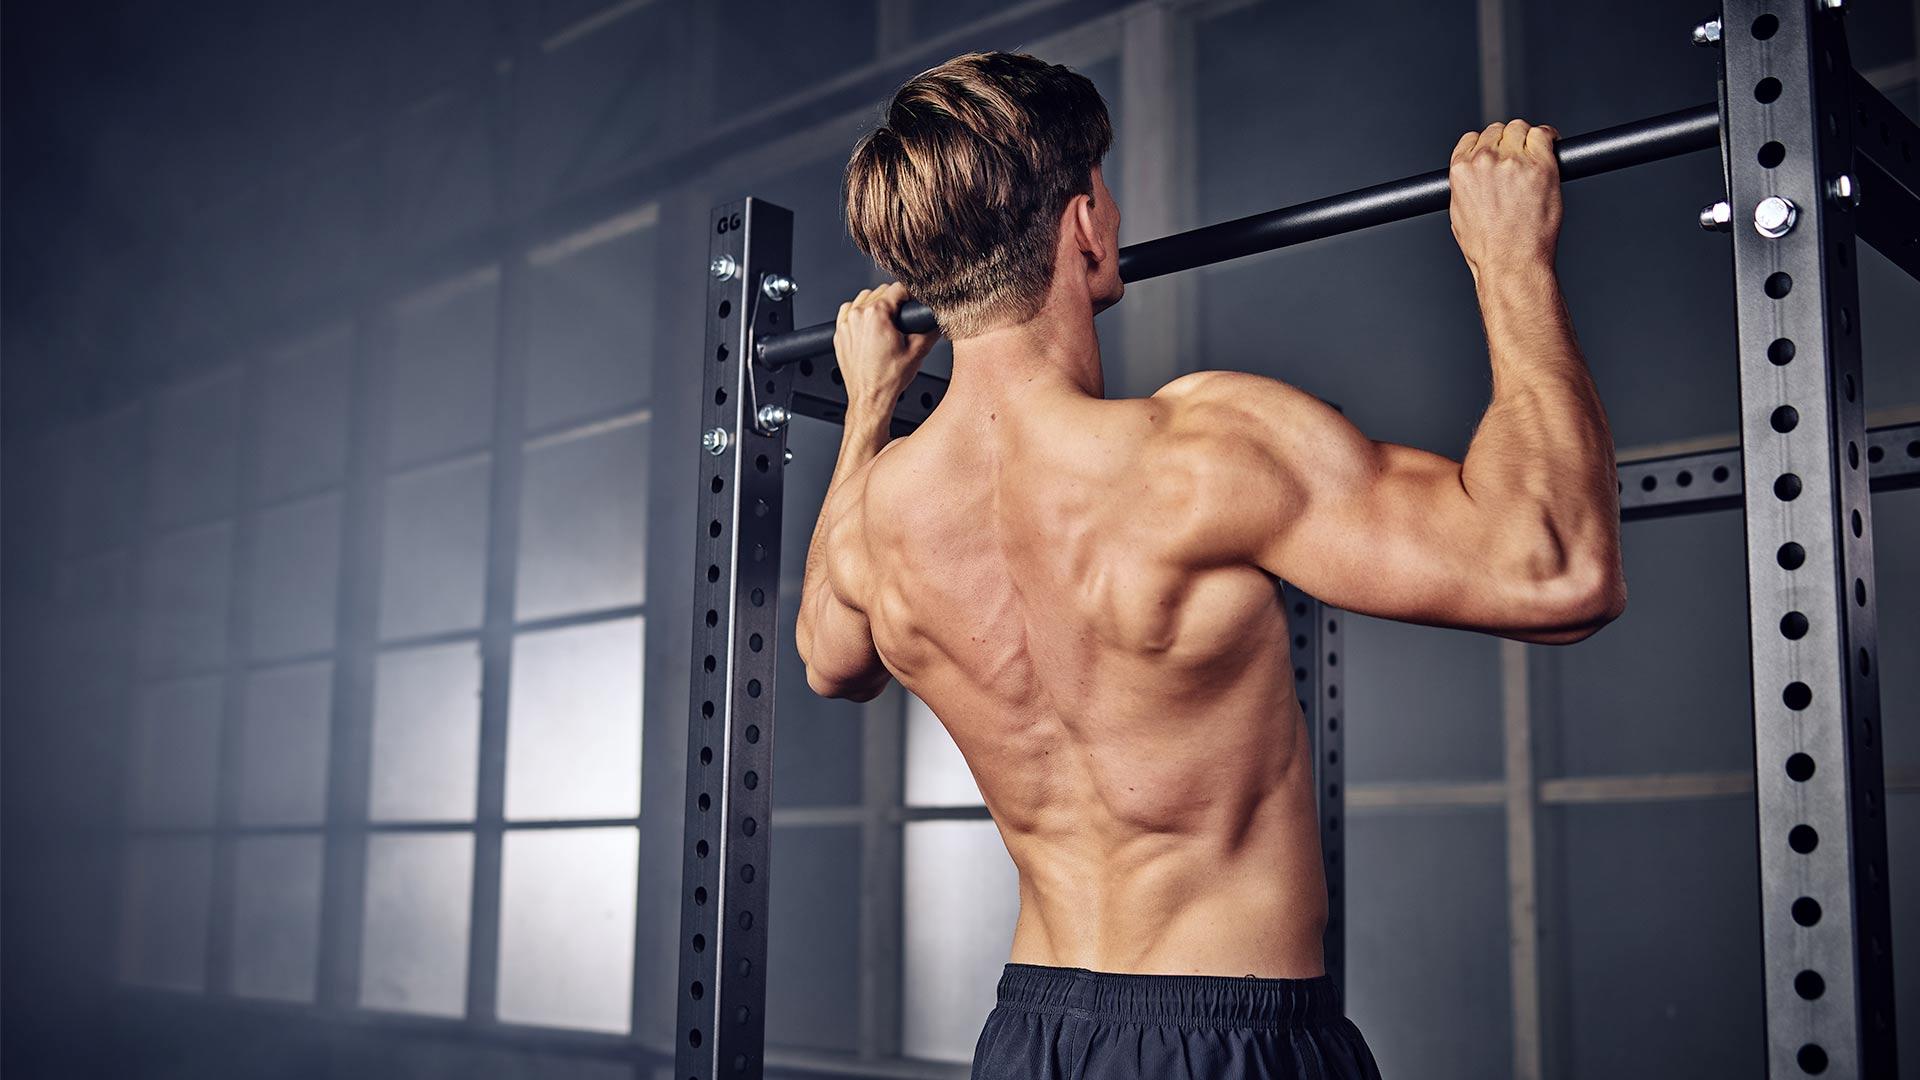 hoge-of-lage-trainingsfrequentie-spiermassa